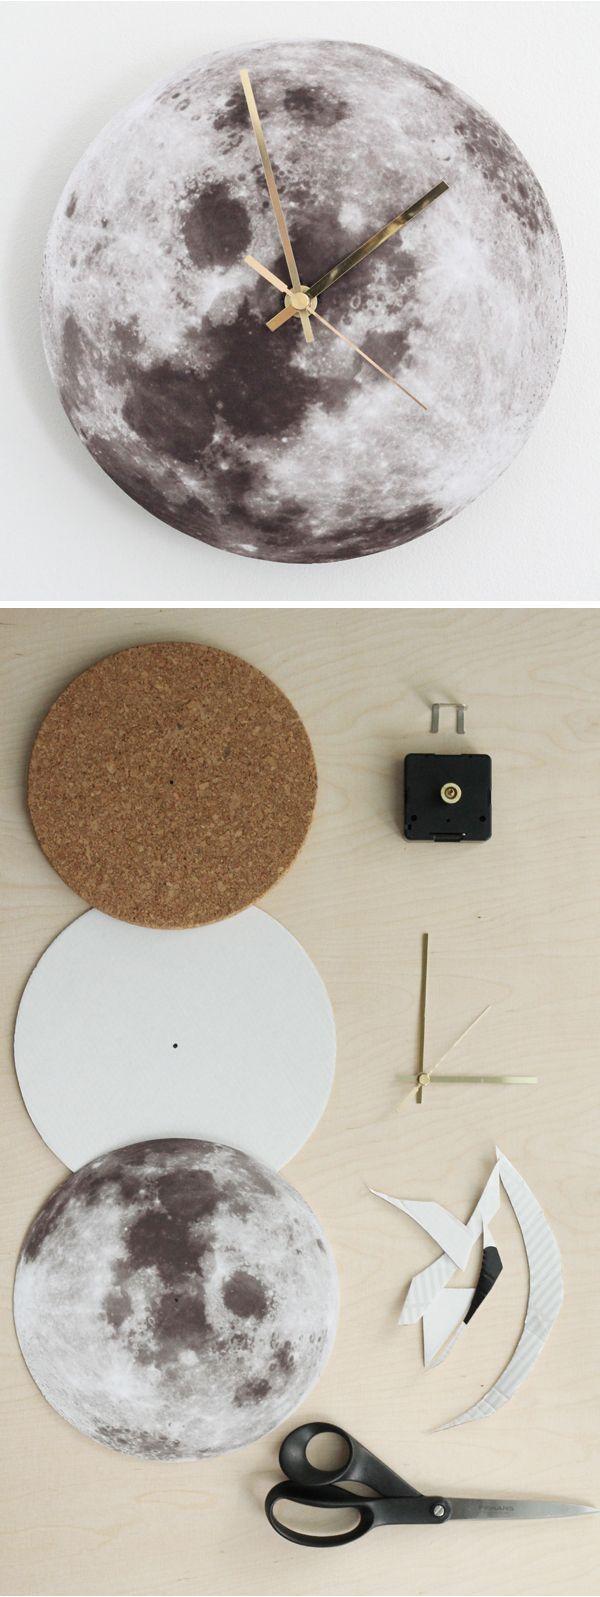 Eine Mond-Uhr für Träumer selber basteln l ganz easy, aber einfach nur toll l super auch als Geschenk